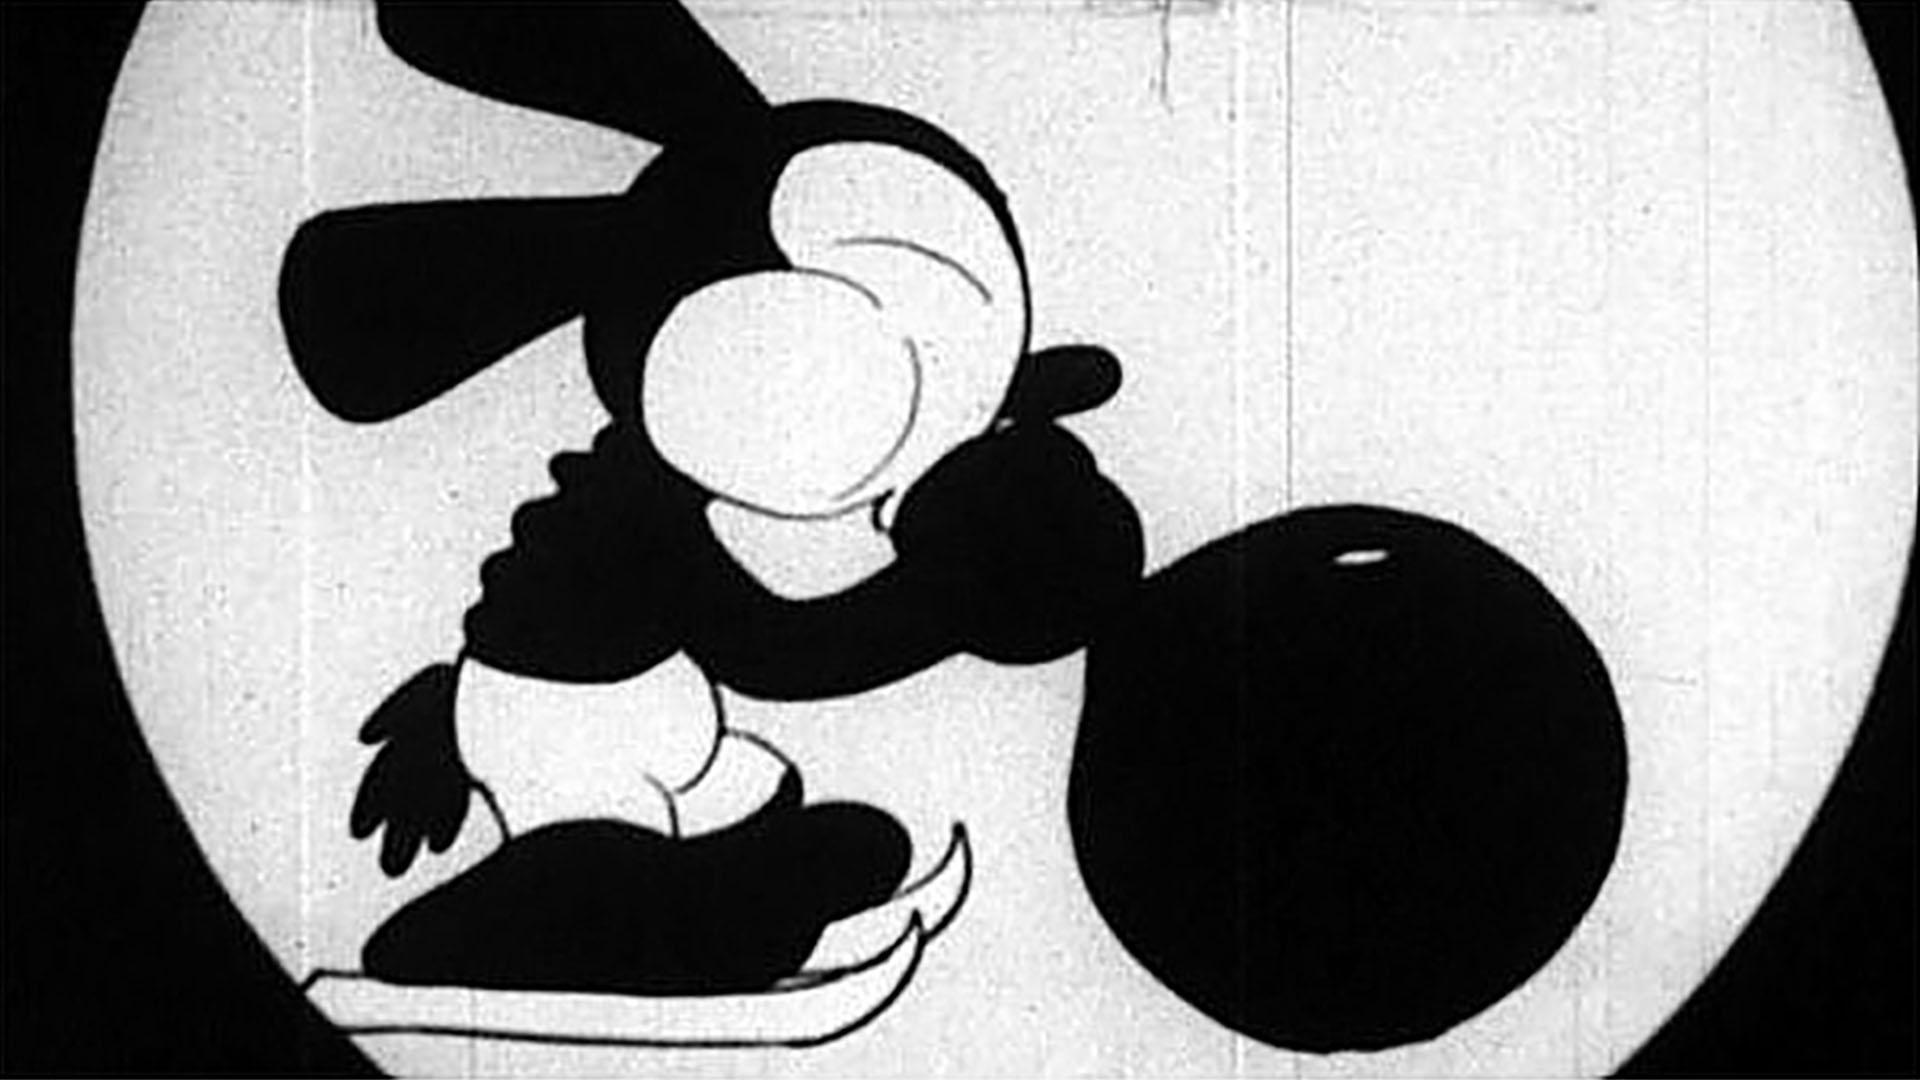 Siete fueron los cortometrajes de Walt Disney que estuvieron perdidas durante décadas